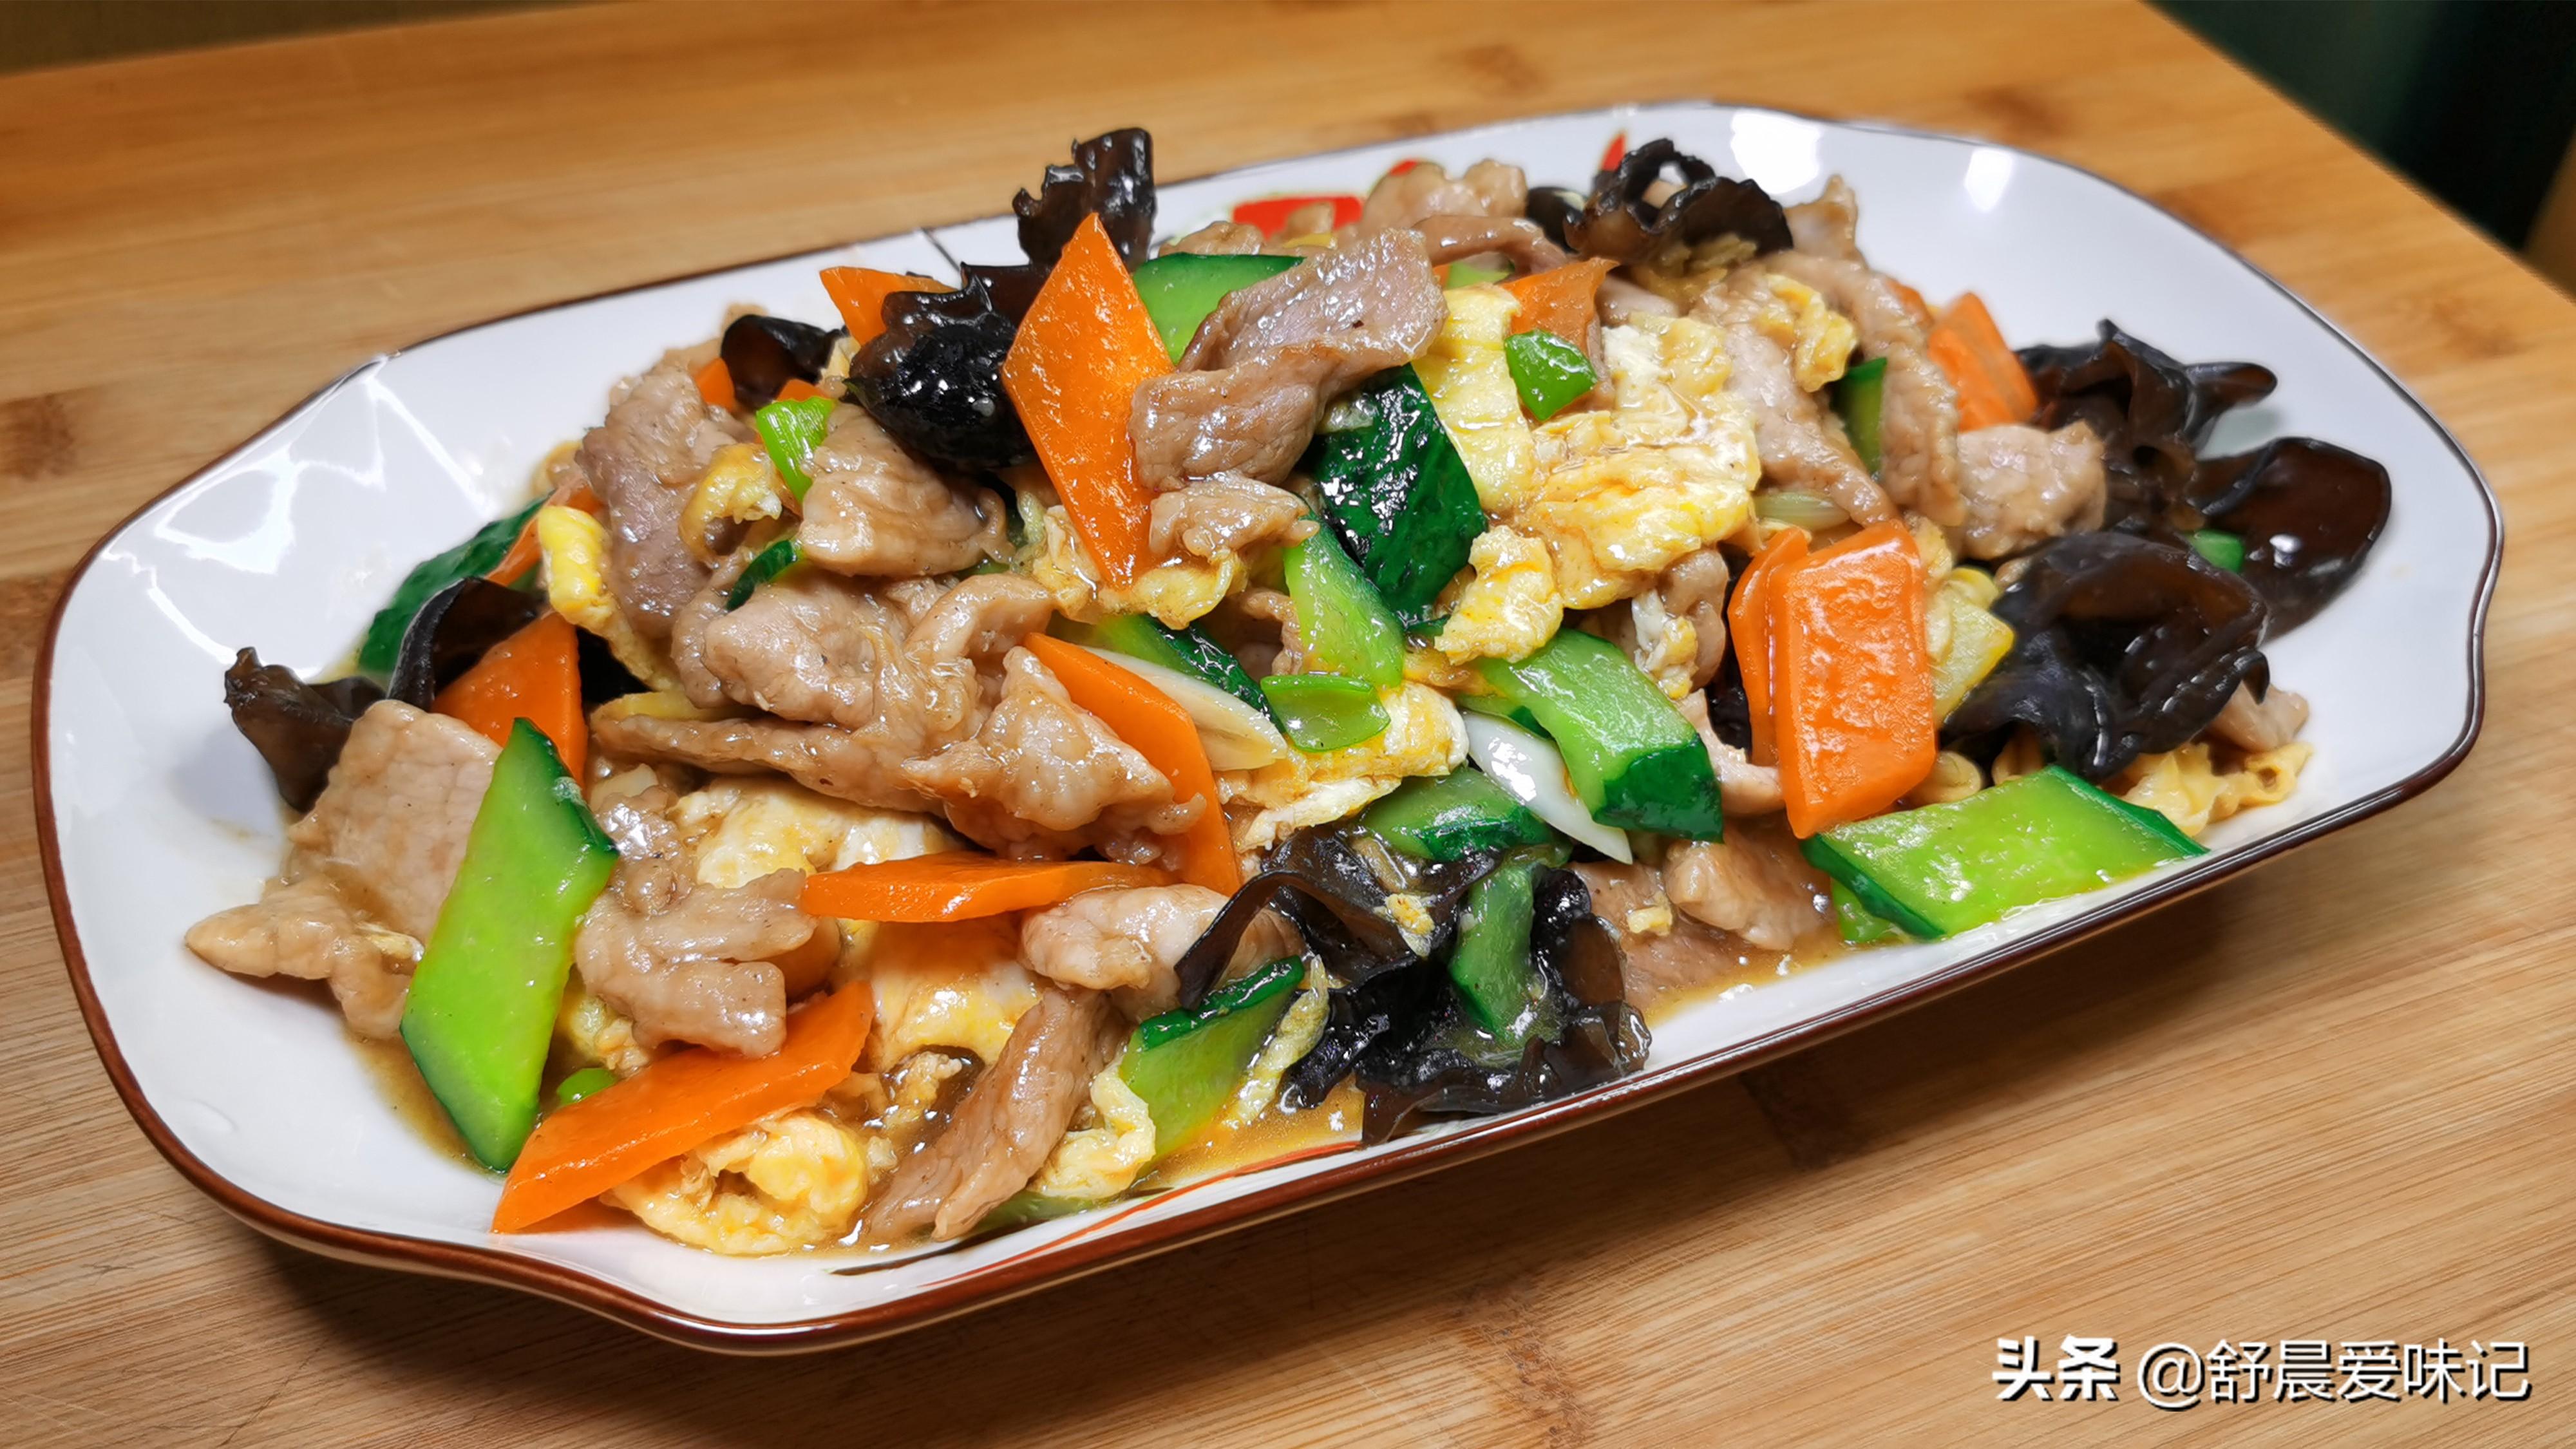 木须肉的家常做法,营养高,味道棒,老婆三天两头点名吃,真香 第1张